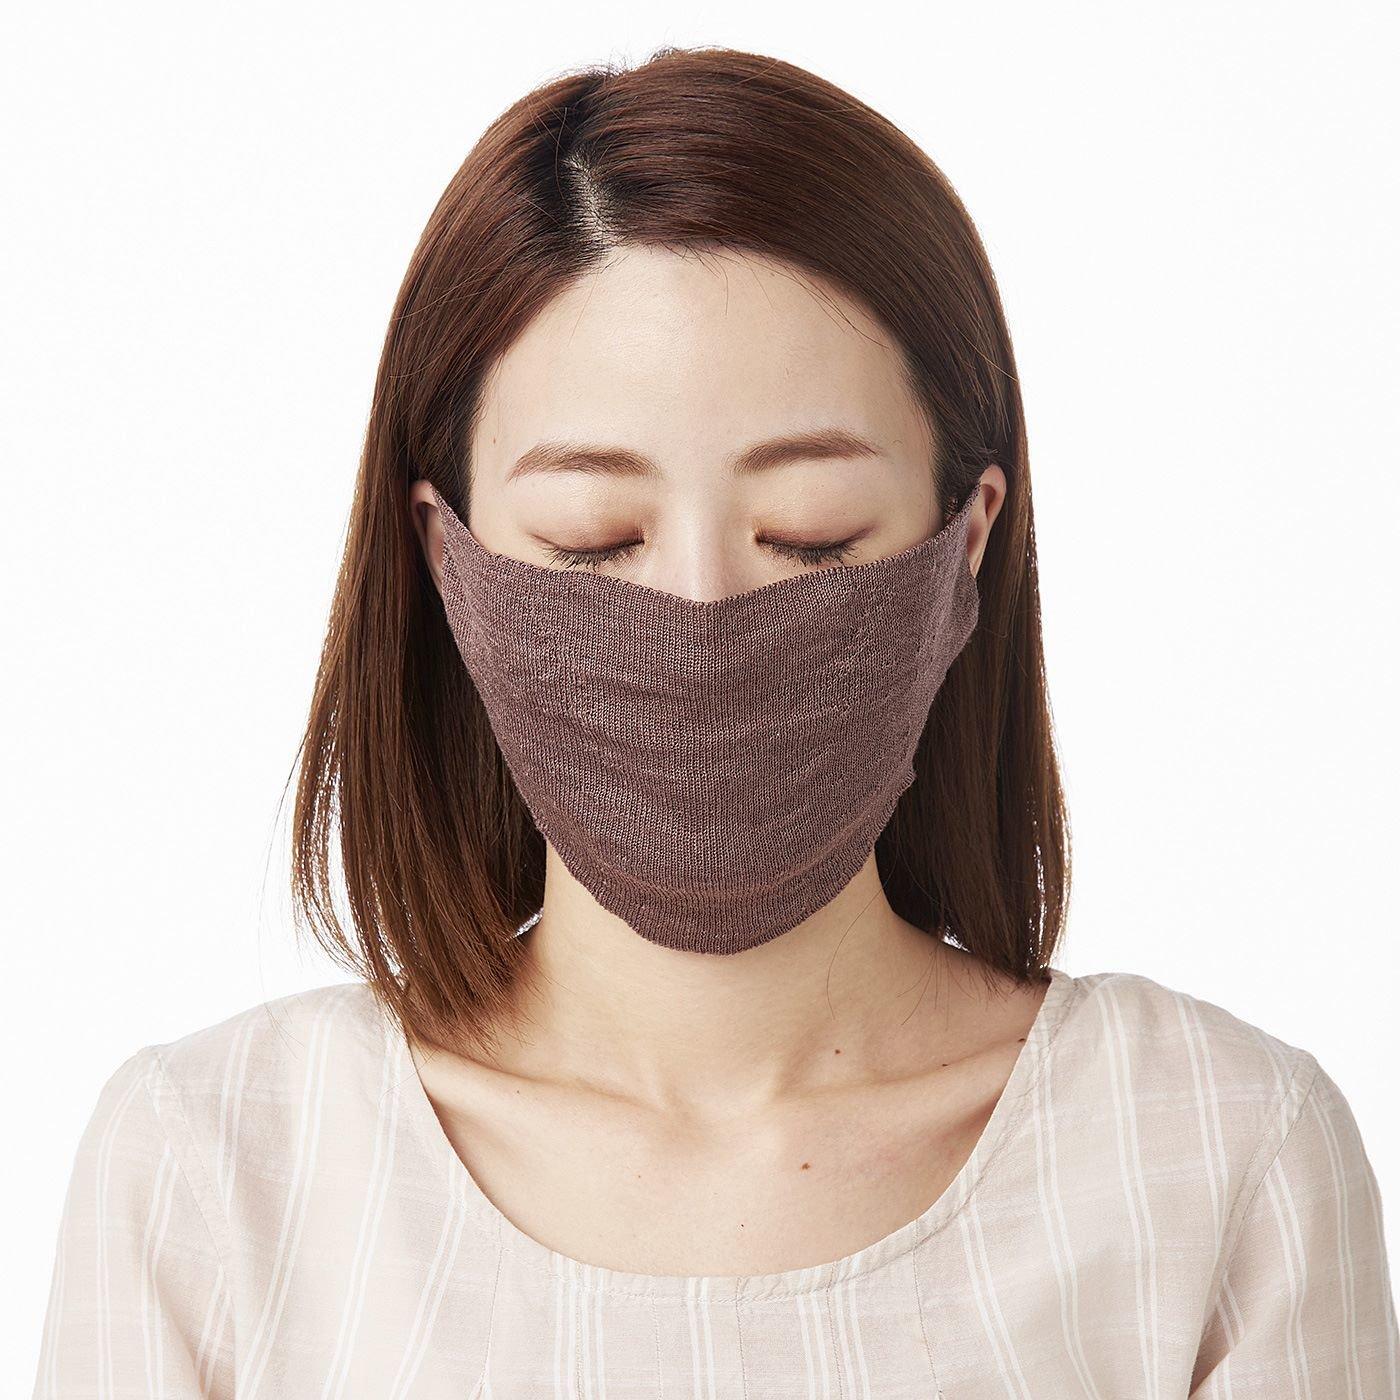 絹でいたわるうるおい呼吸 ホールガーメント(R)マスクの会